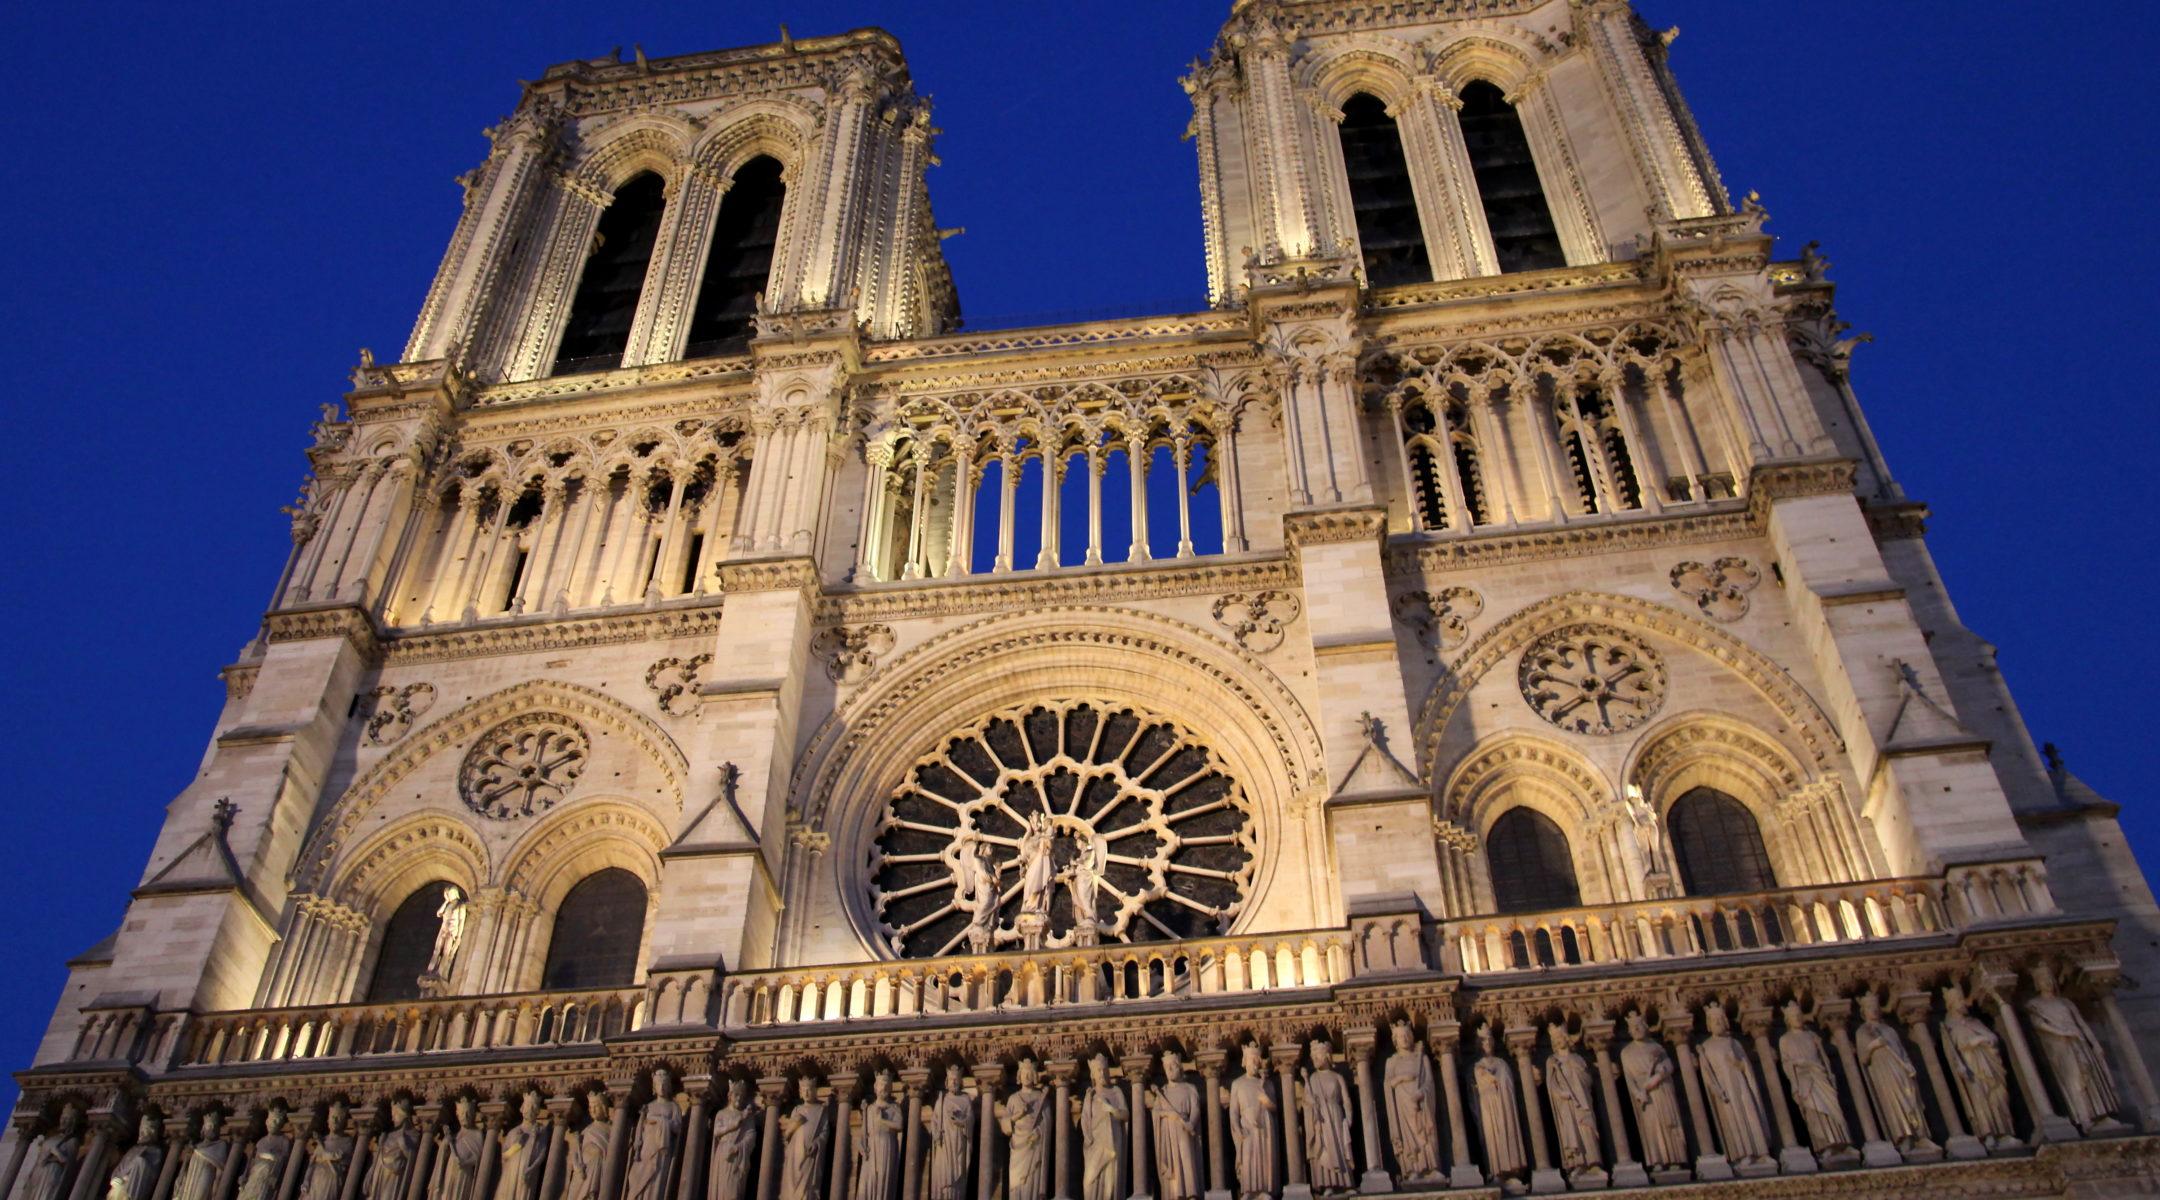 Conspiraciones : ¿El Sionismo es satánico? Notre_Dame_Cathedral_5753500432-2160x1200